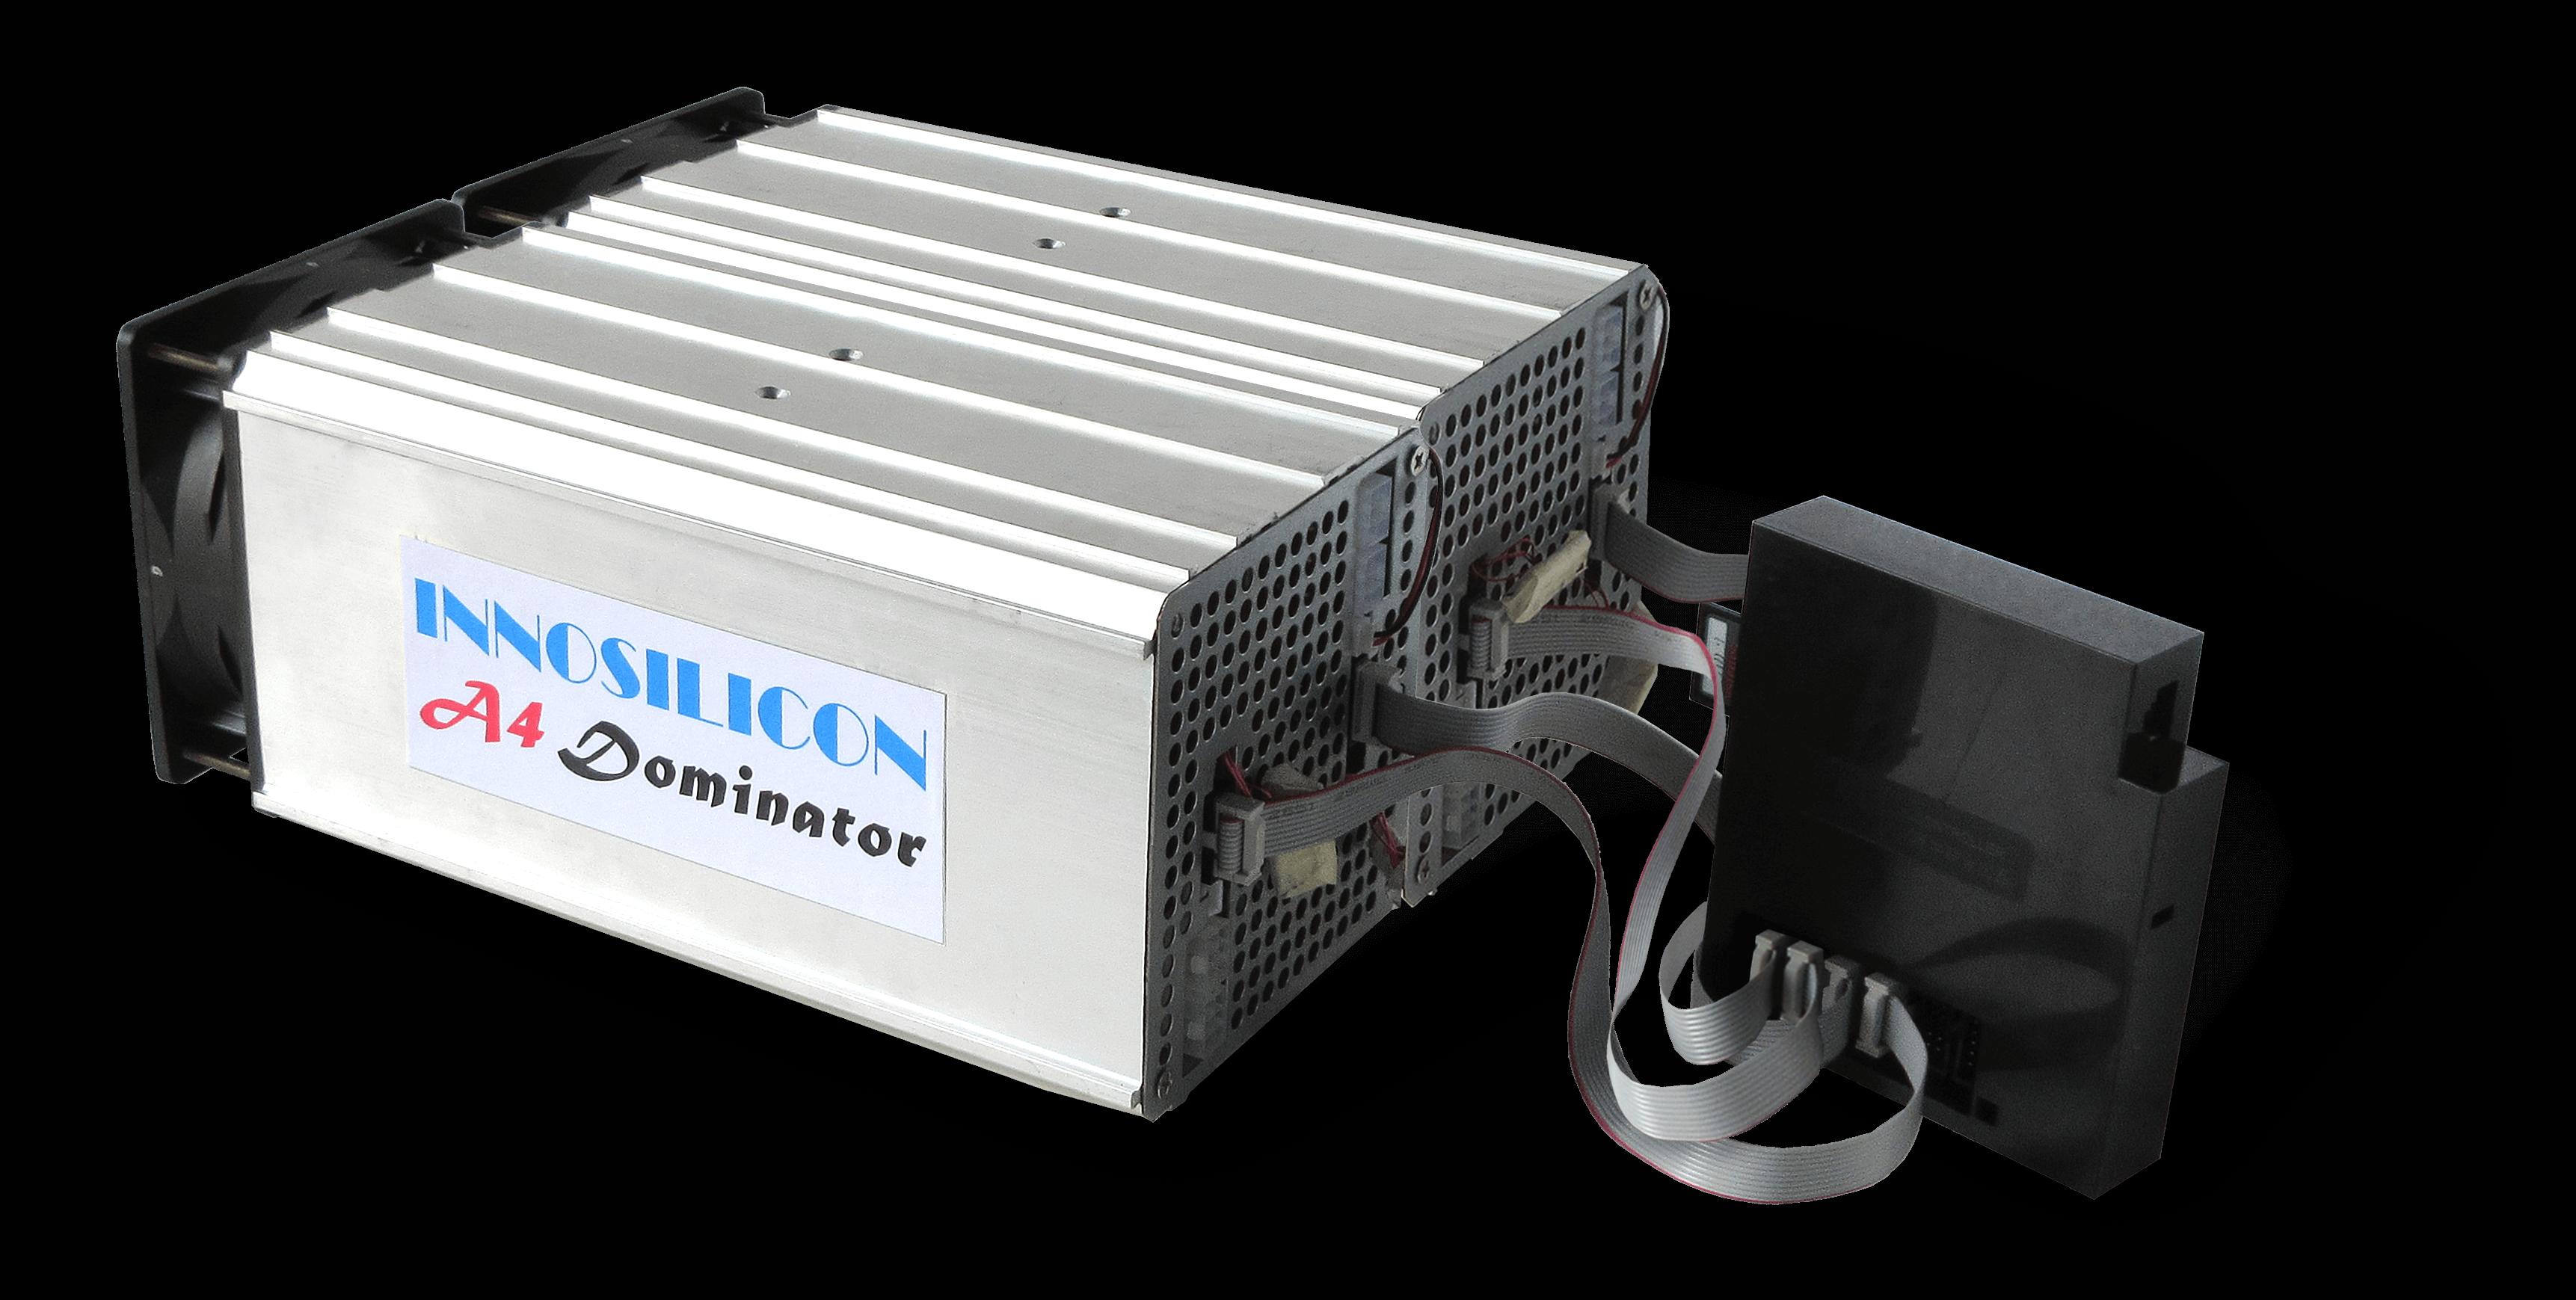 Новый LTC майнер — INNOSILICON A4+ Dominator